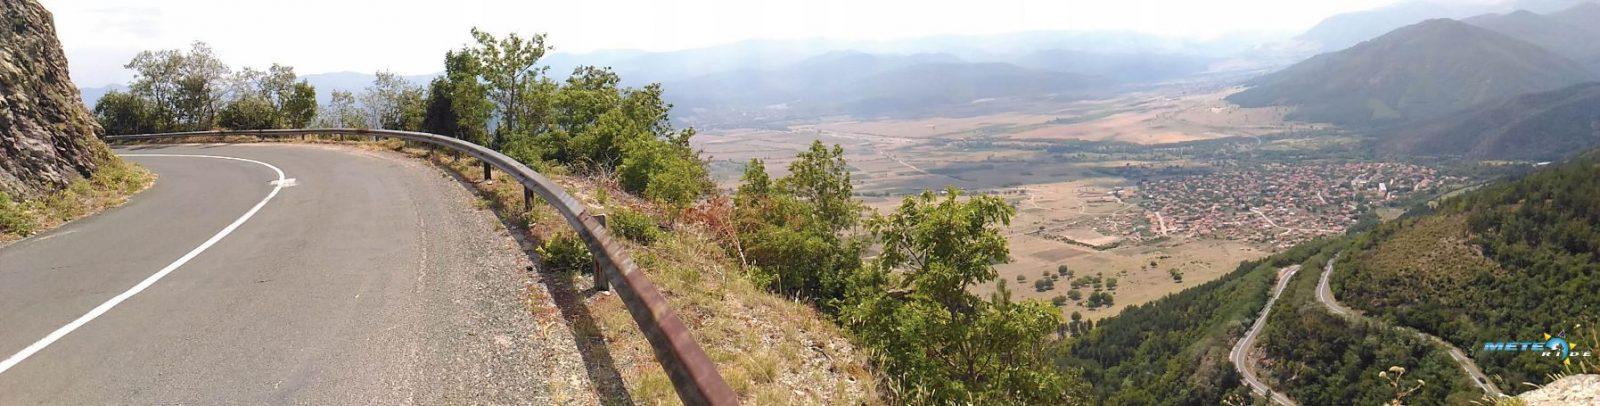 Beklemeto Pass Троян-Кърнаре, Троянски проход